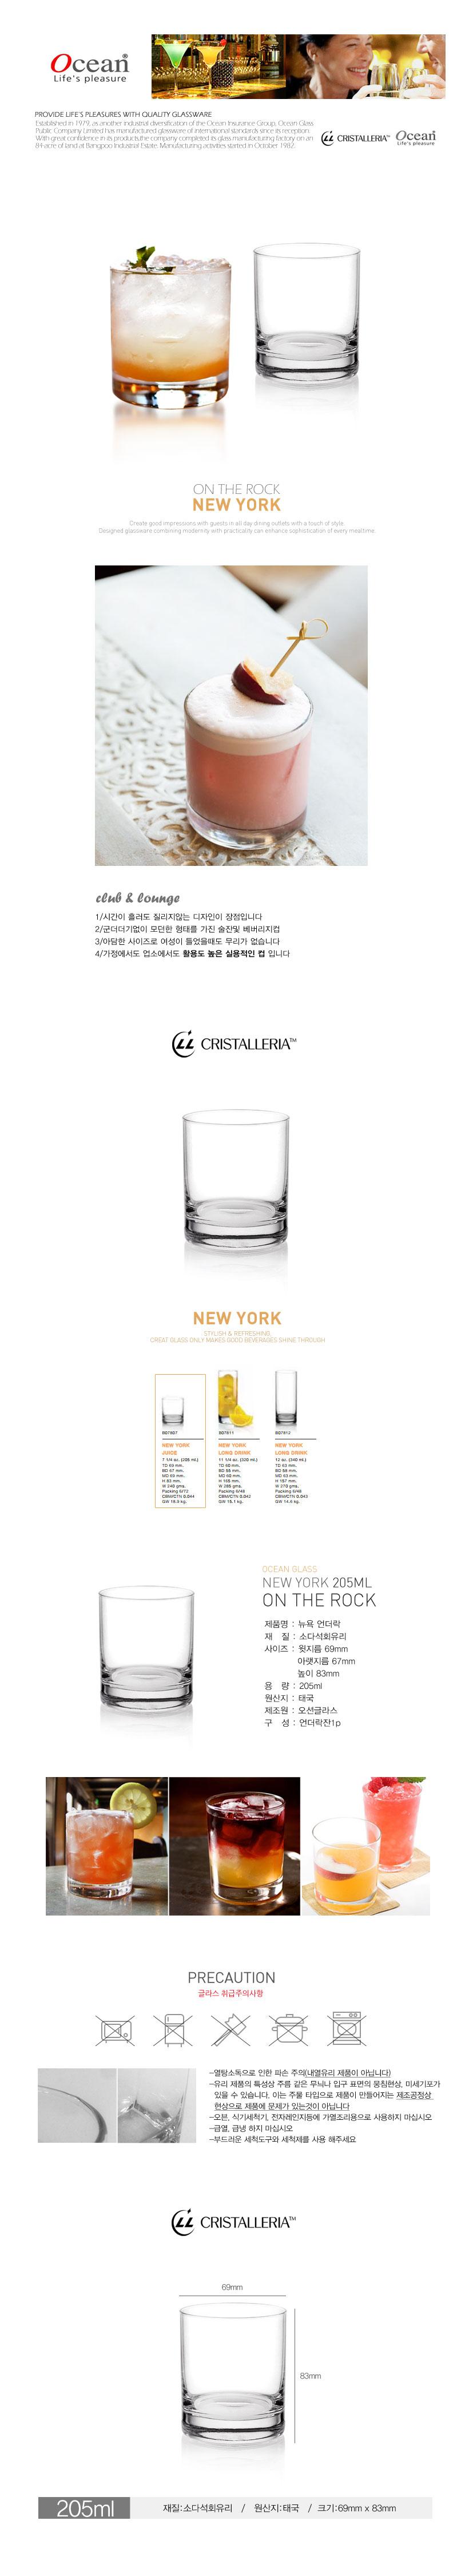 오션글라스 뉴욕 언더락잔 205ml 1P - 재미있는생활, 3,200원, 유리컵/술잔, 양주/위스키잔